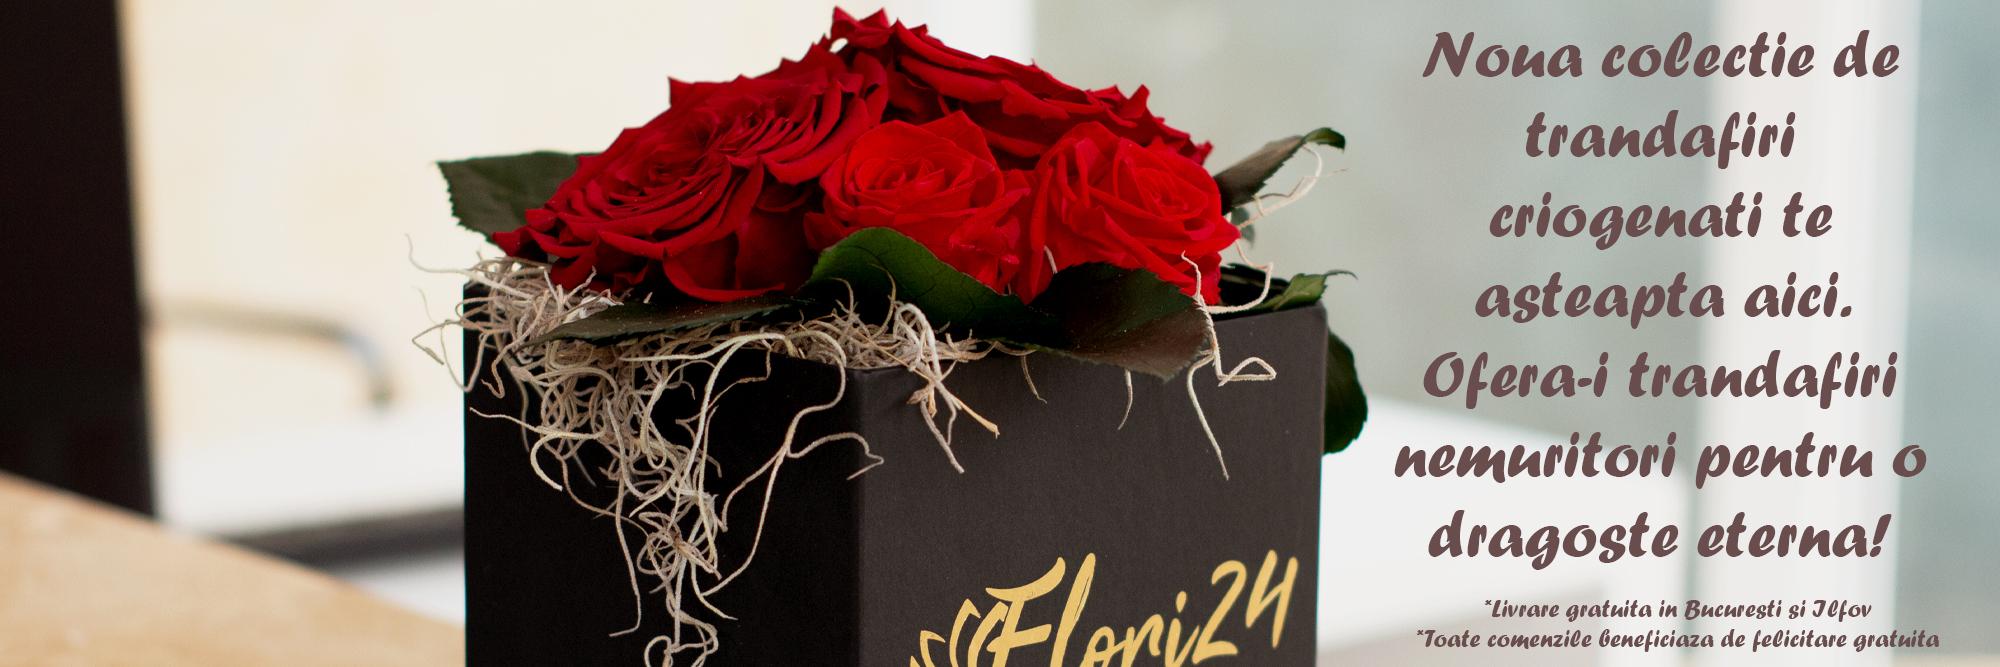 Flori24 - Trandafiri Criogenati